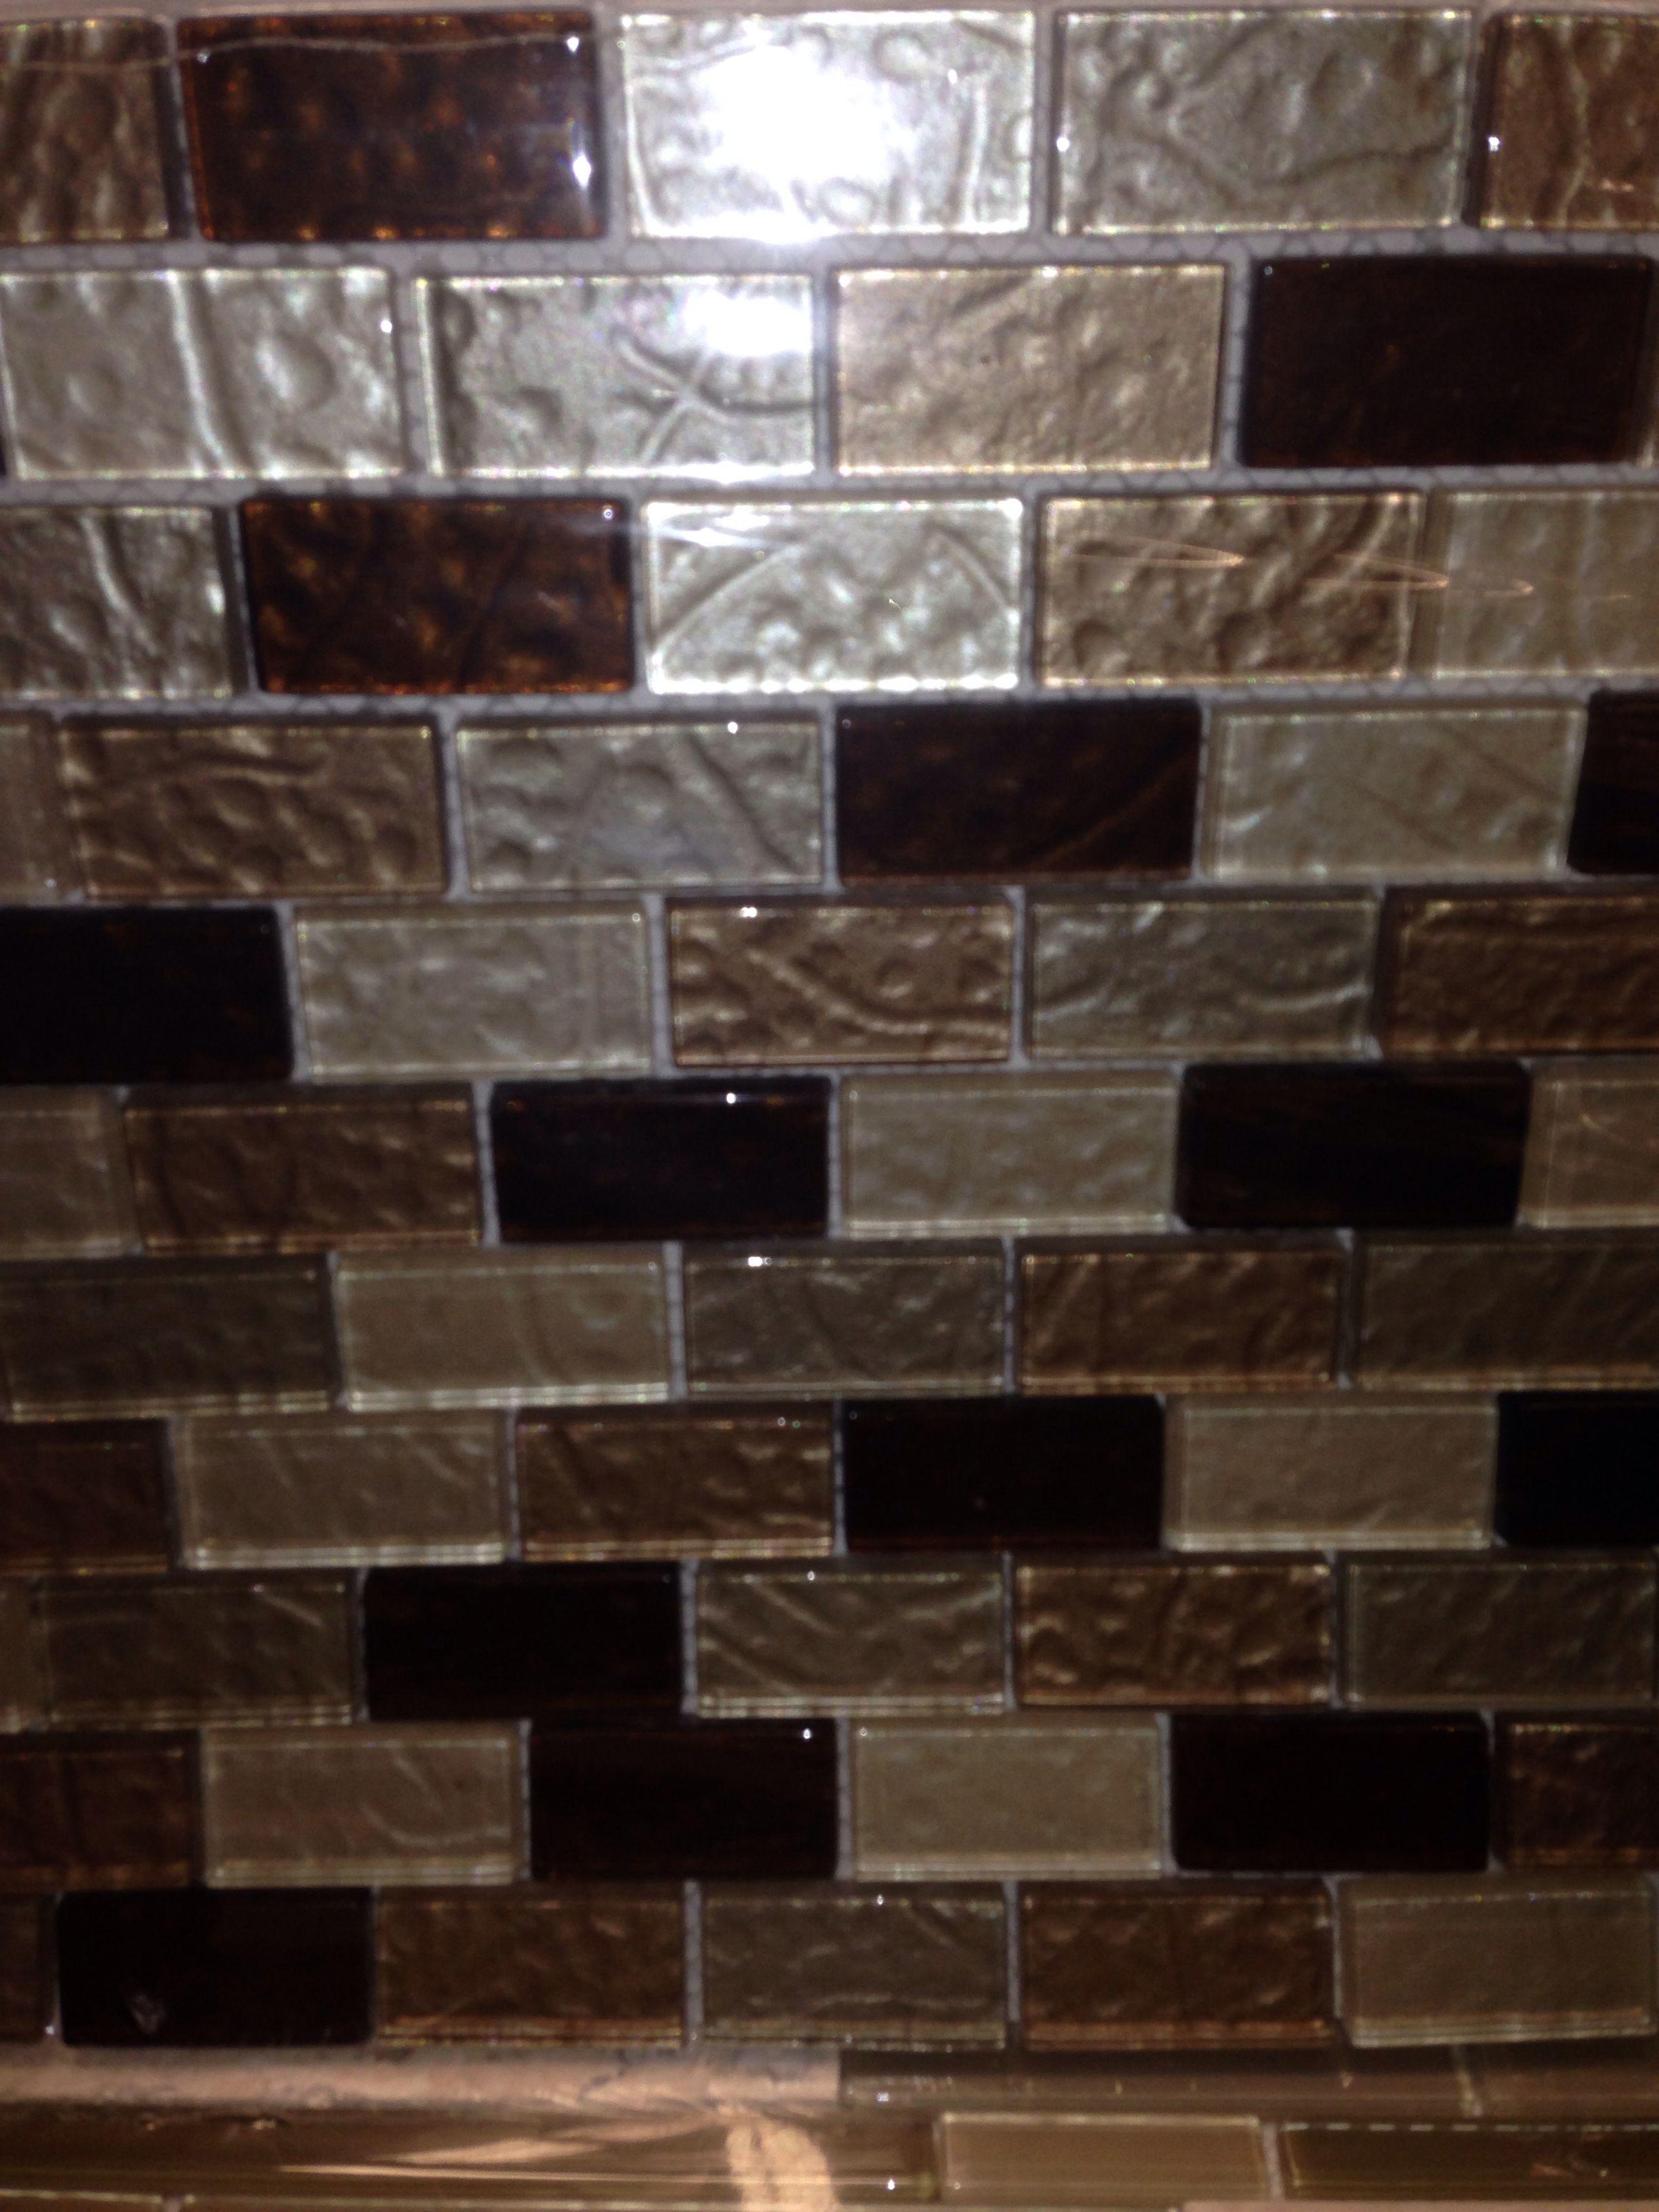 backsplash tiles home depot home decor ideas pinterest home and home depot. Black Bedroom Furniture Sets. Home Design Ideas